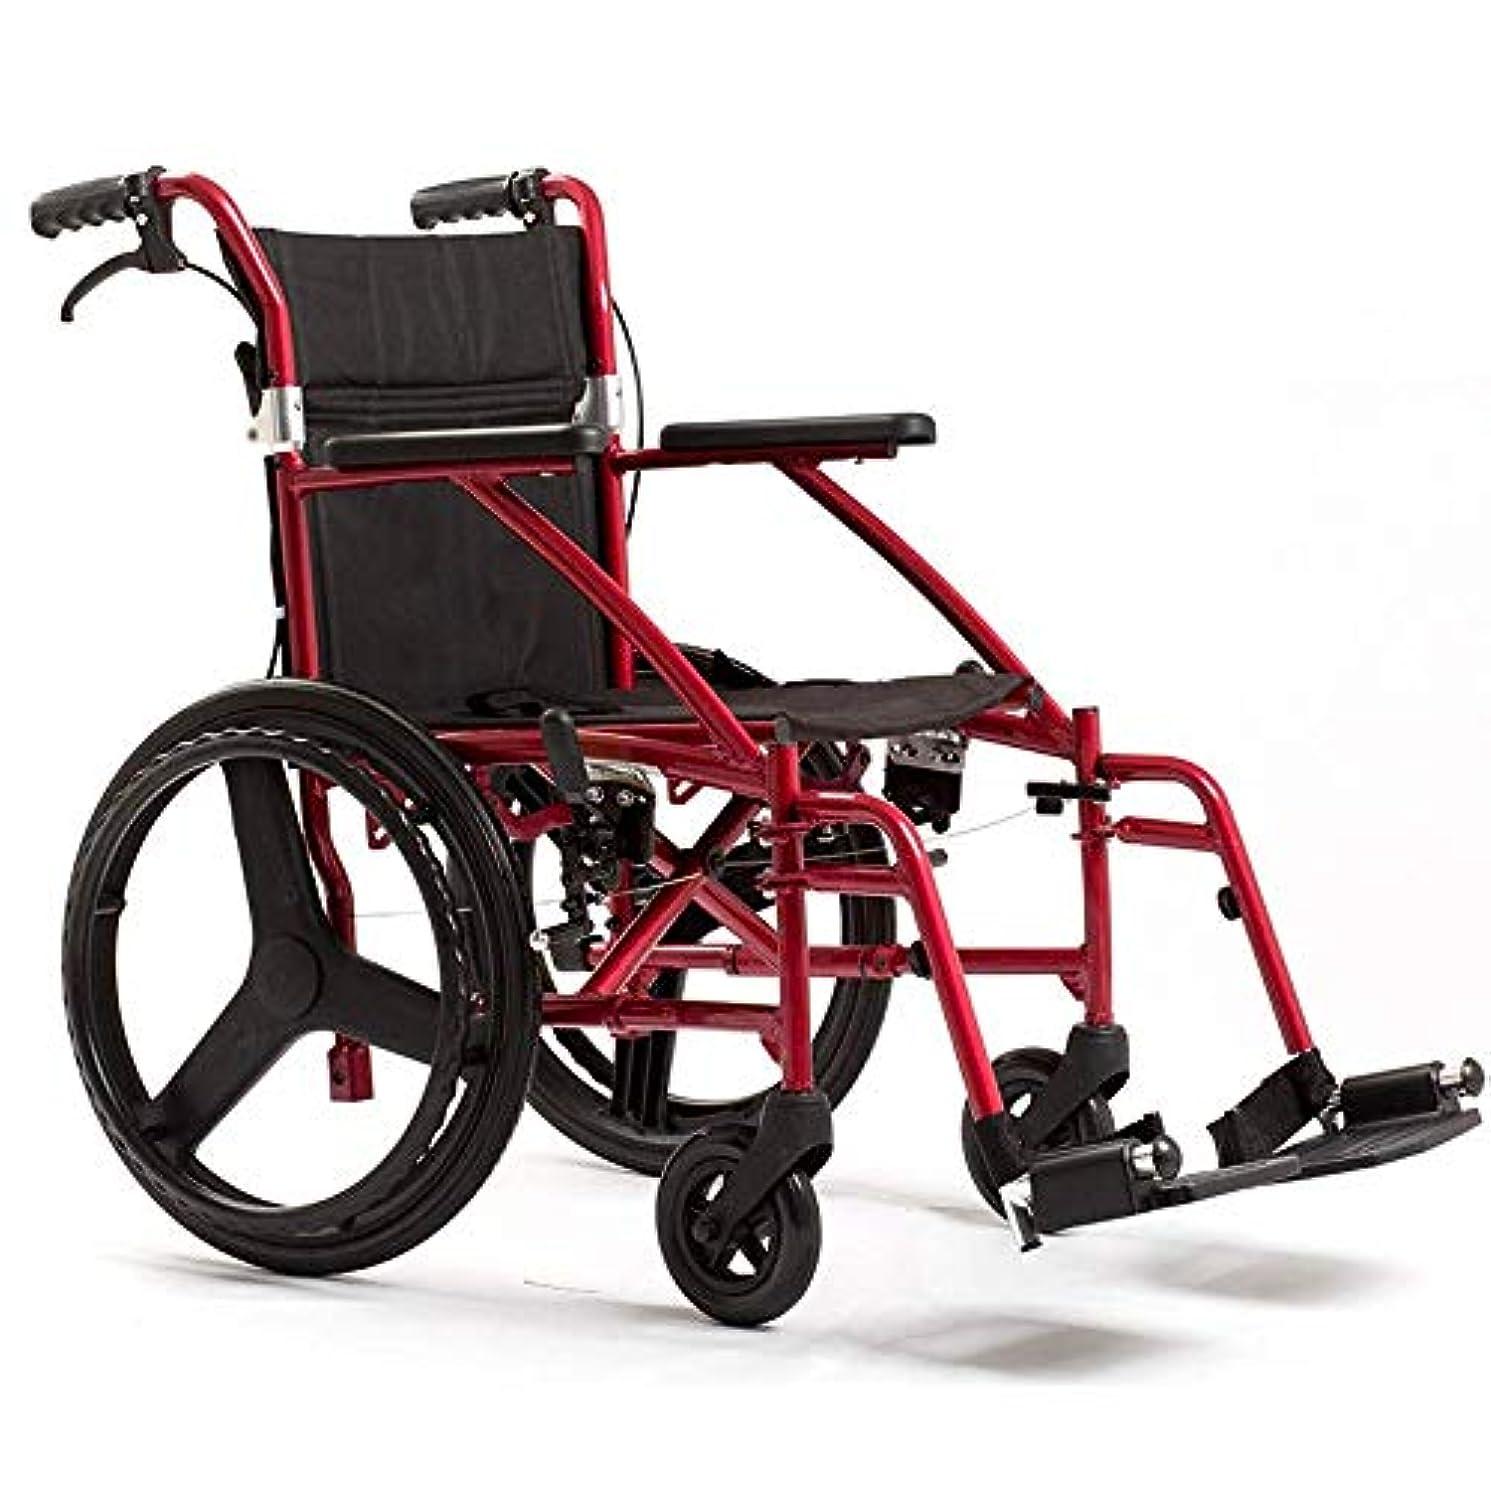 堤防アジア神社人間工学に基づいた超軽量手動車いす、フット休符と旅行交通チェア - 高齢者、障害者のための適切な